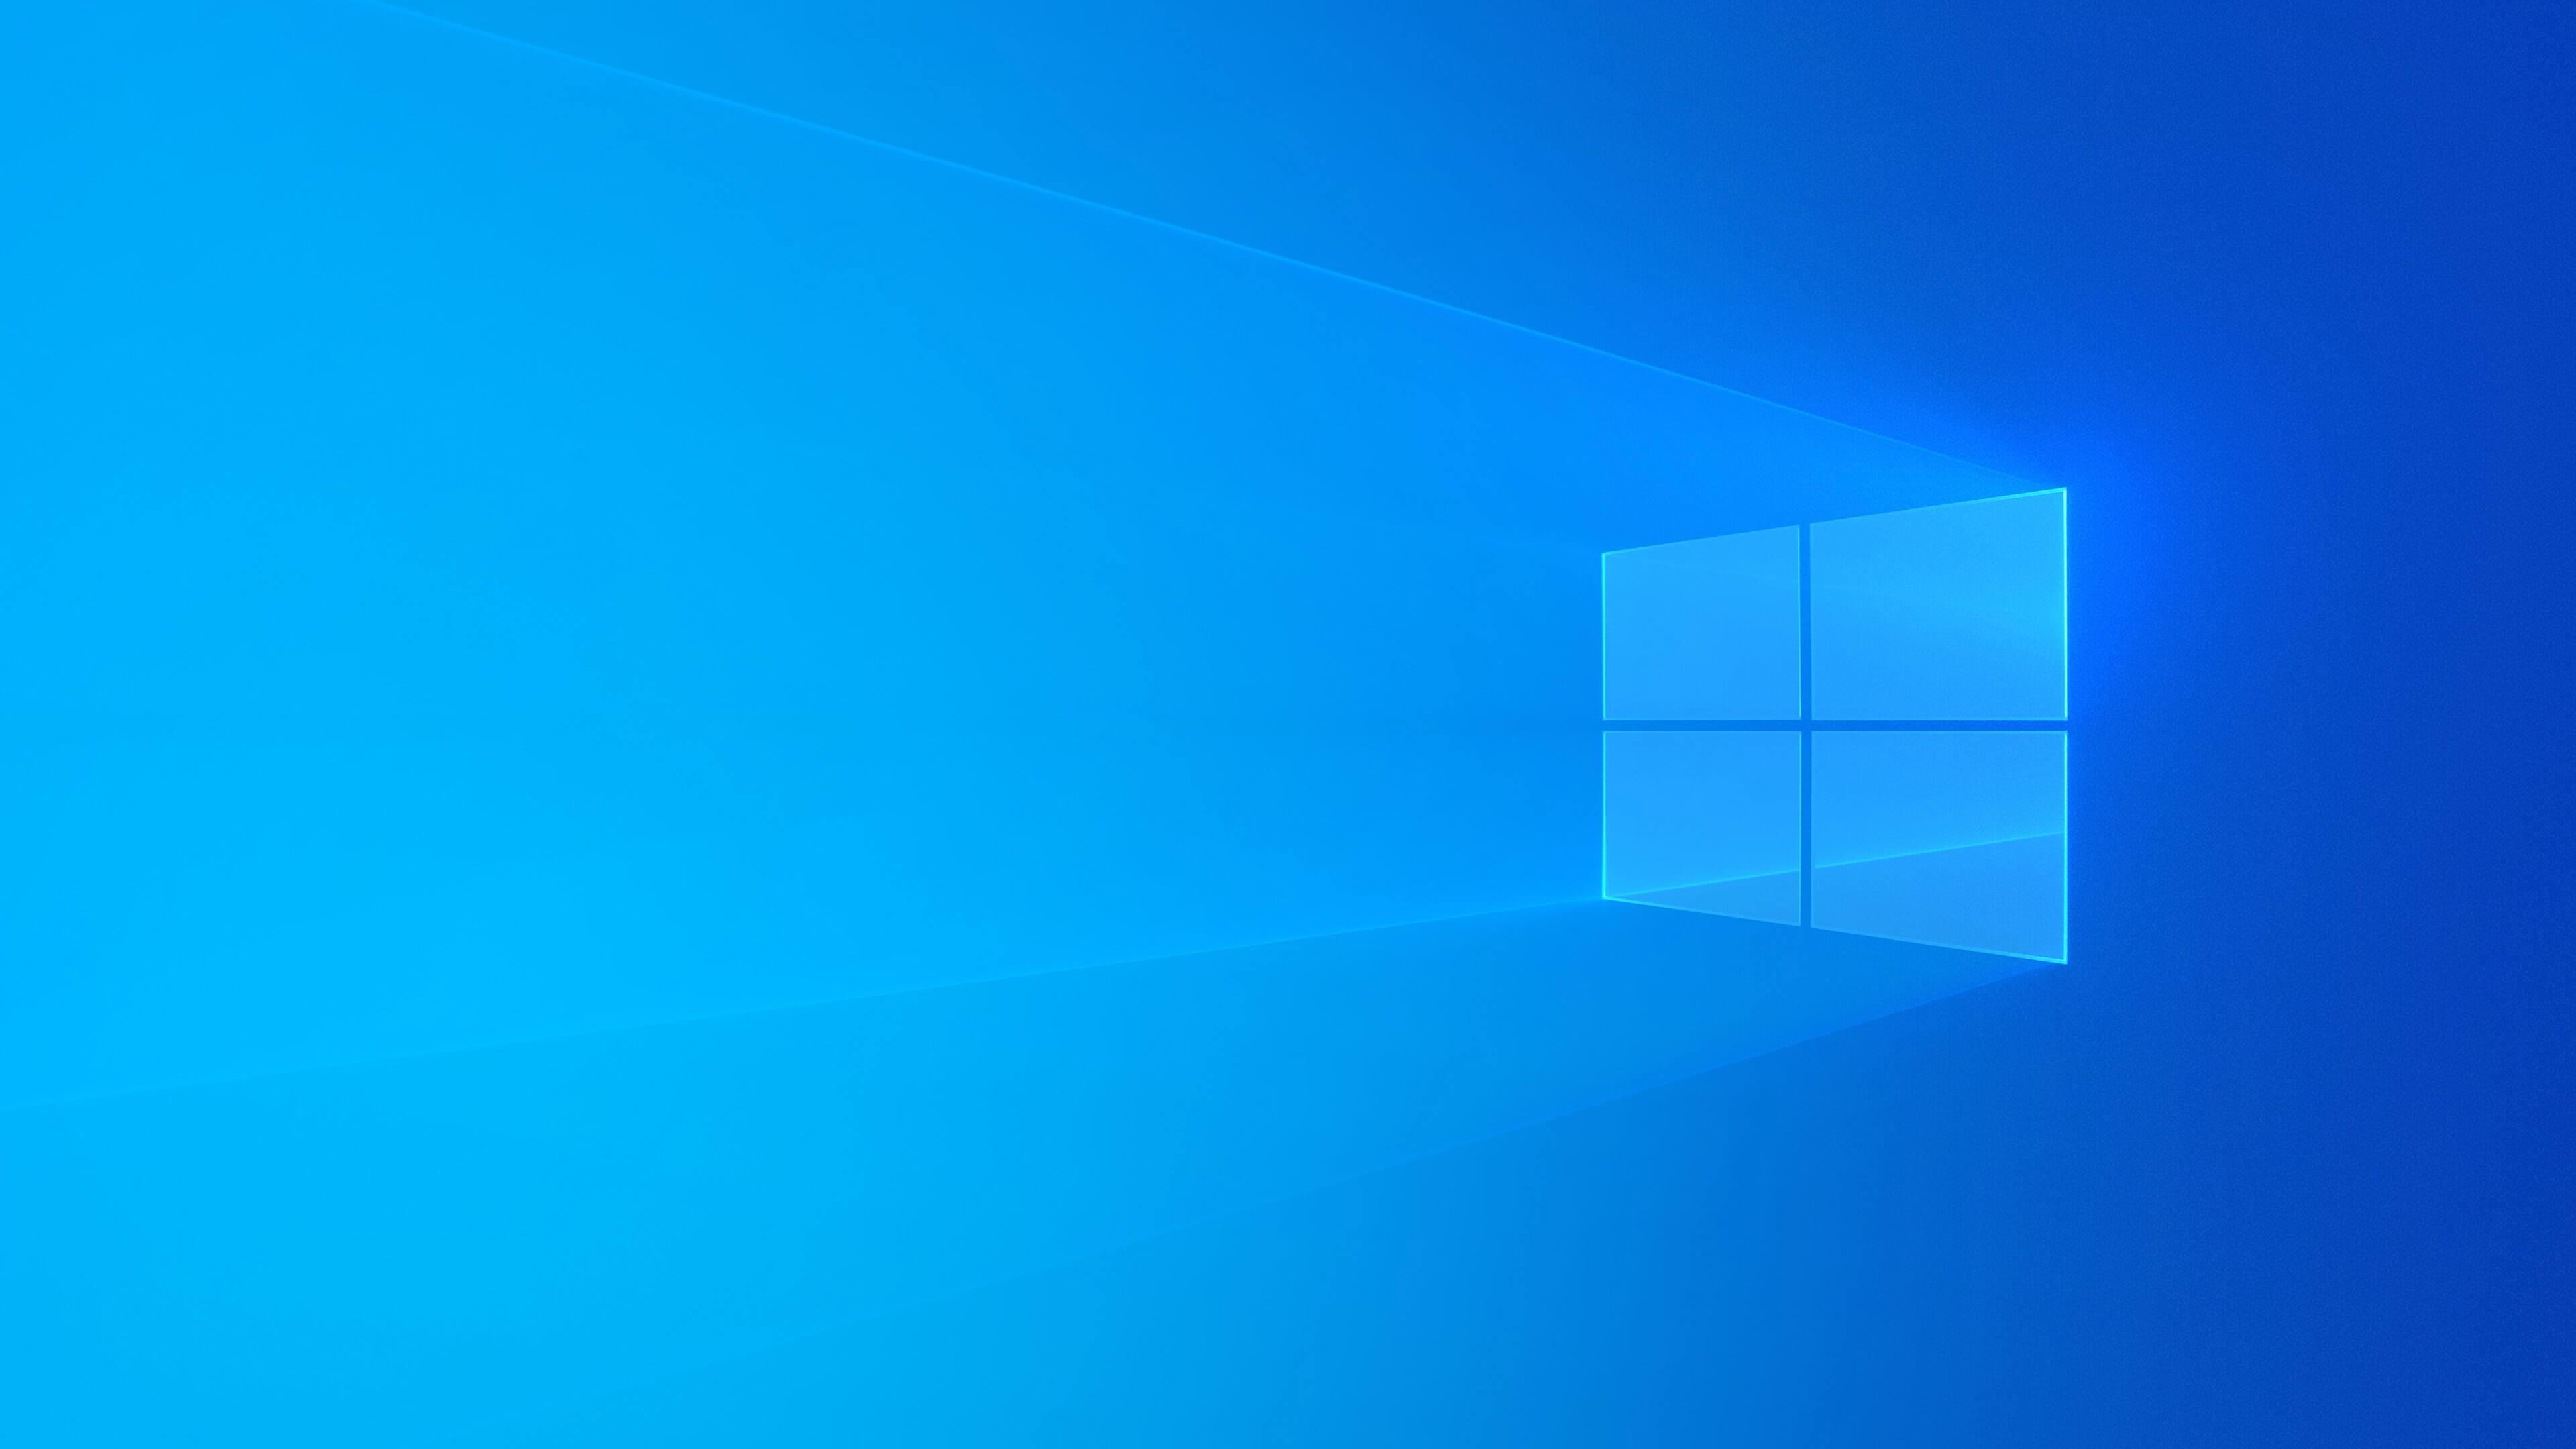 微软推送Win10新预览版 引入新亮色主题和新壁纸